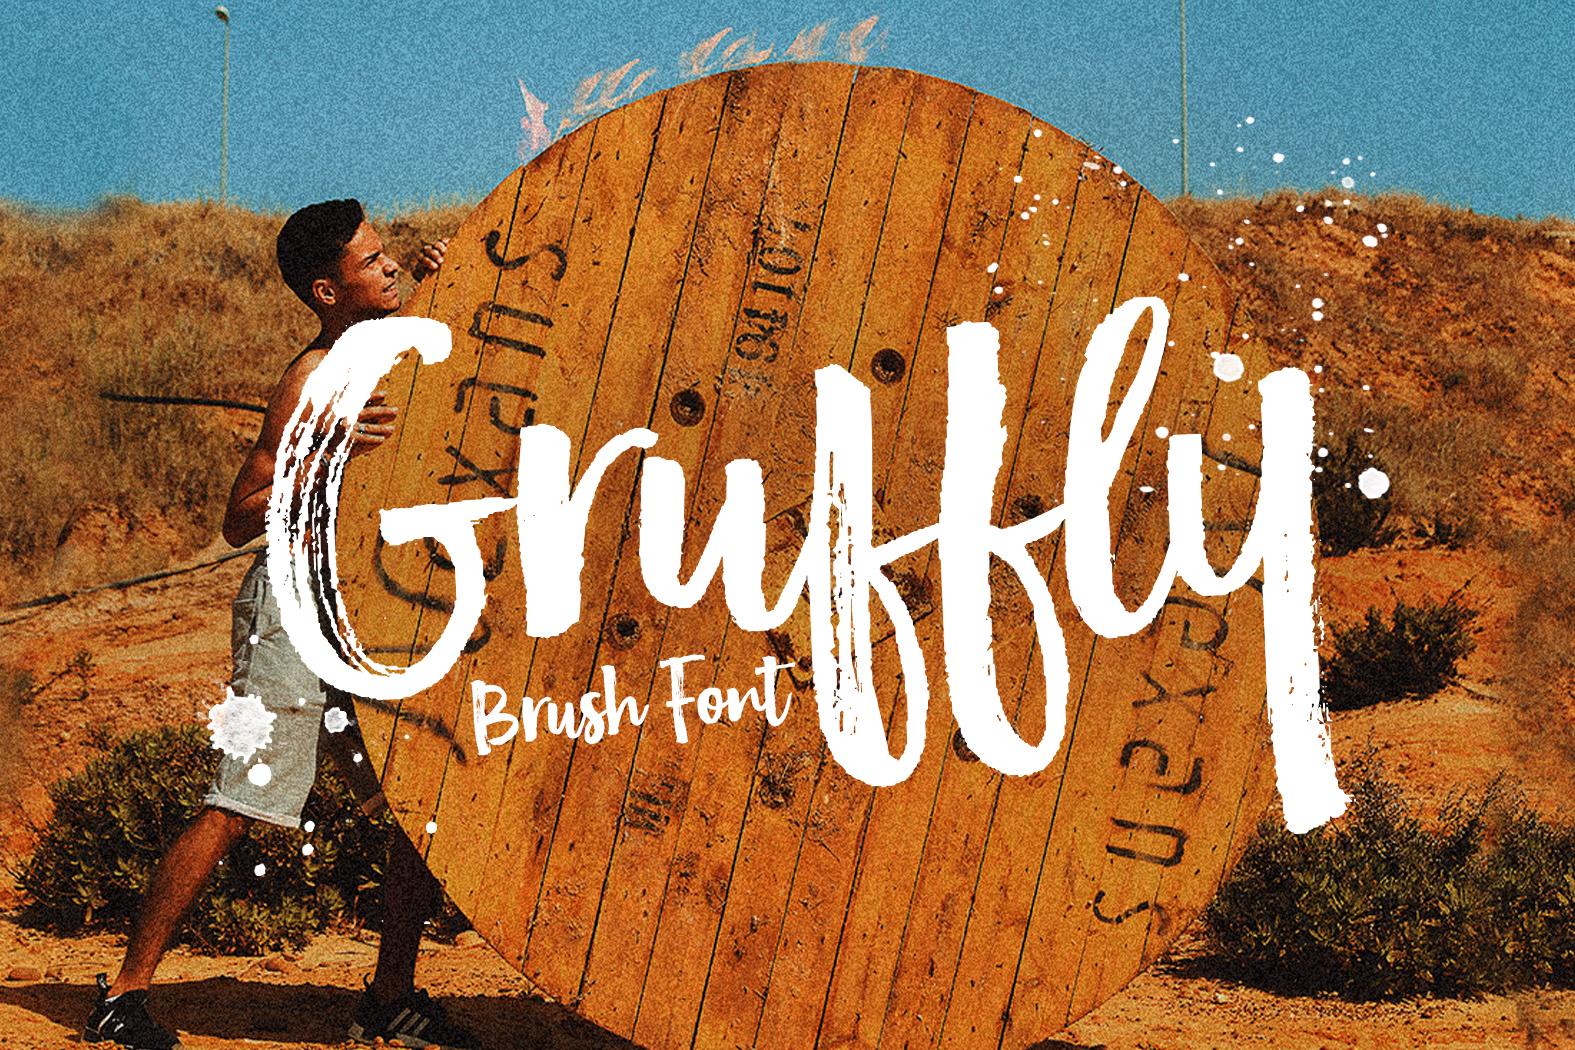 Gruffly example image 1